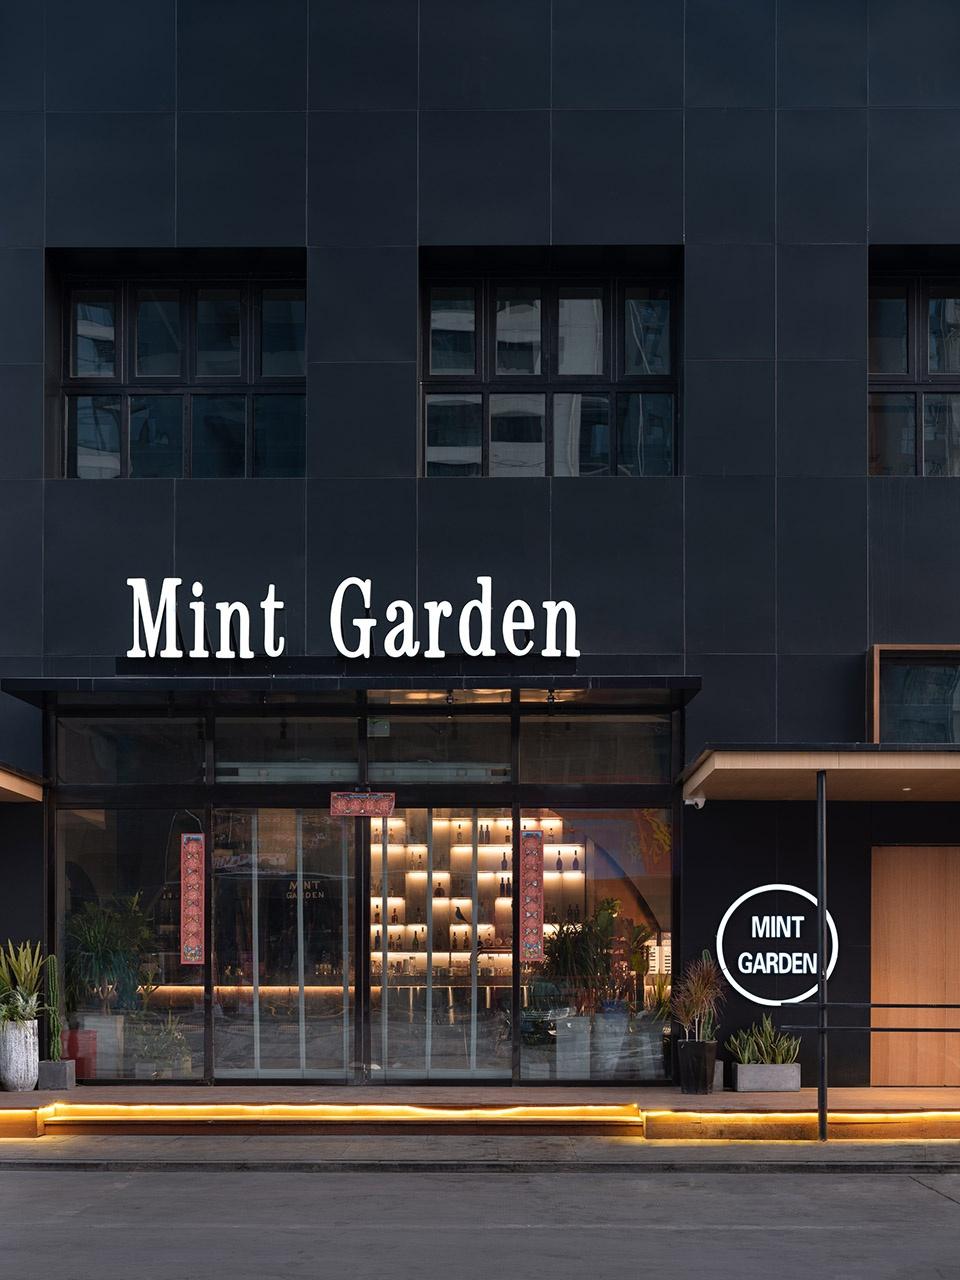 037-mint-garden-bar-china-by-hou-tiantian-li-cheng-liu-xiaolu-1-960x1280.jpg